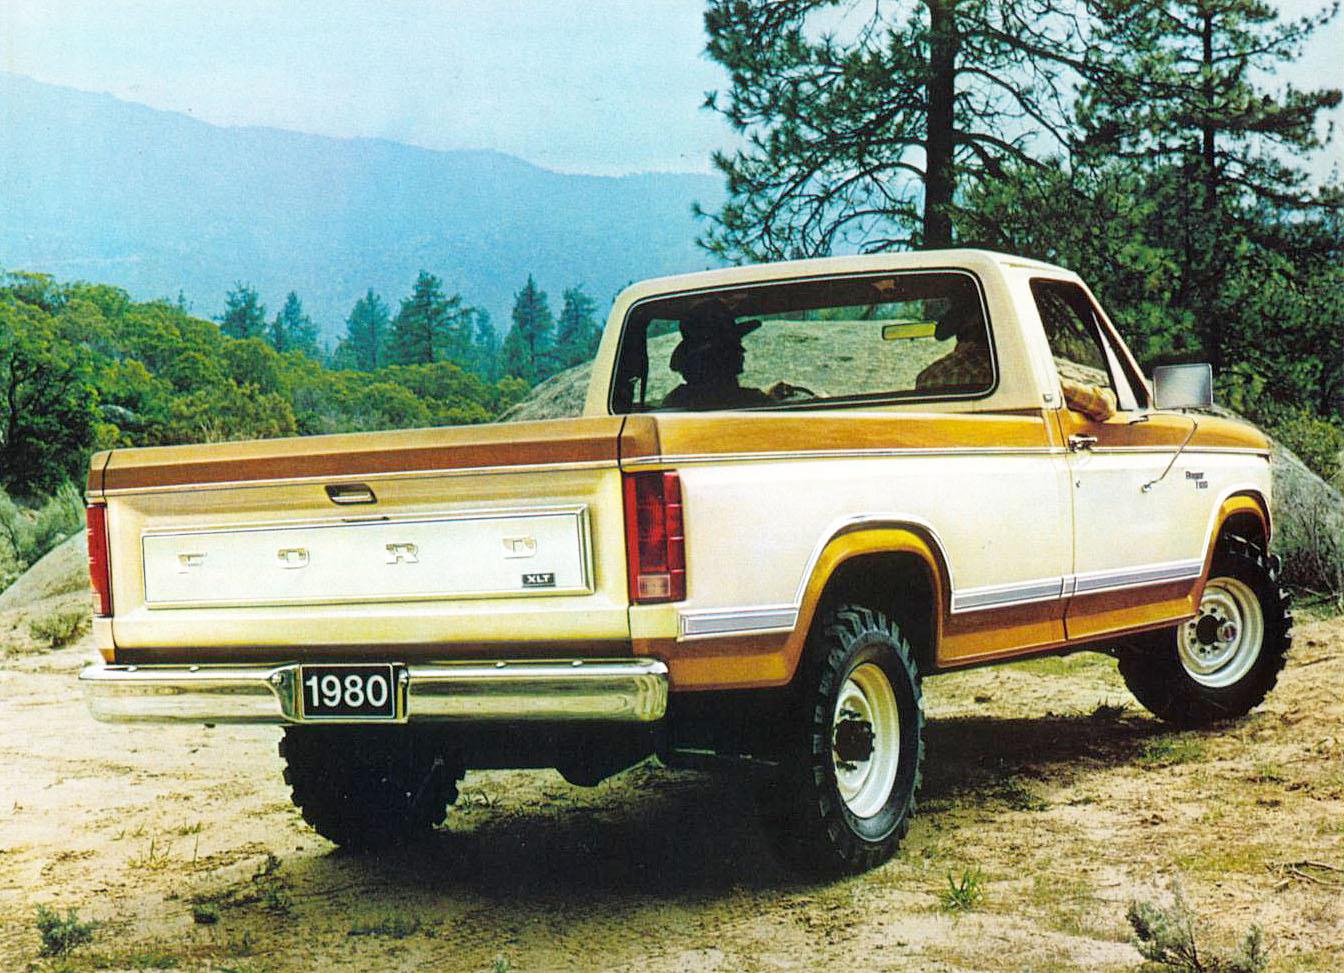 las ford de estados unidos de 1980 | archivo de autos